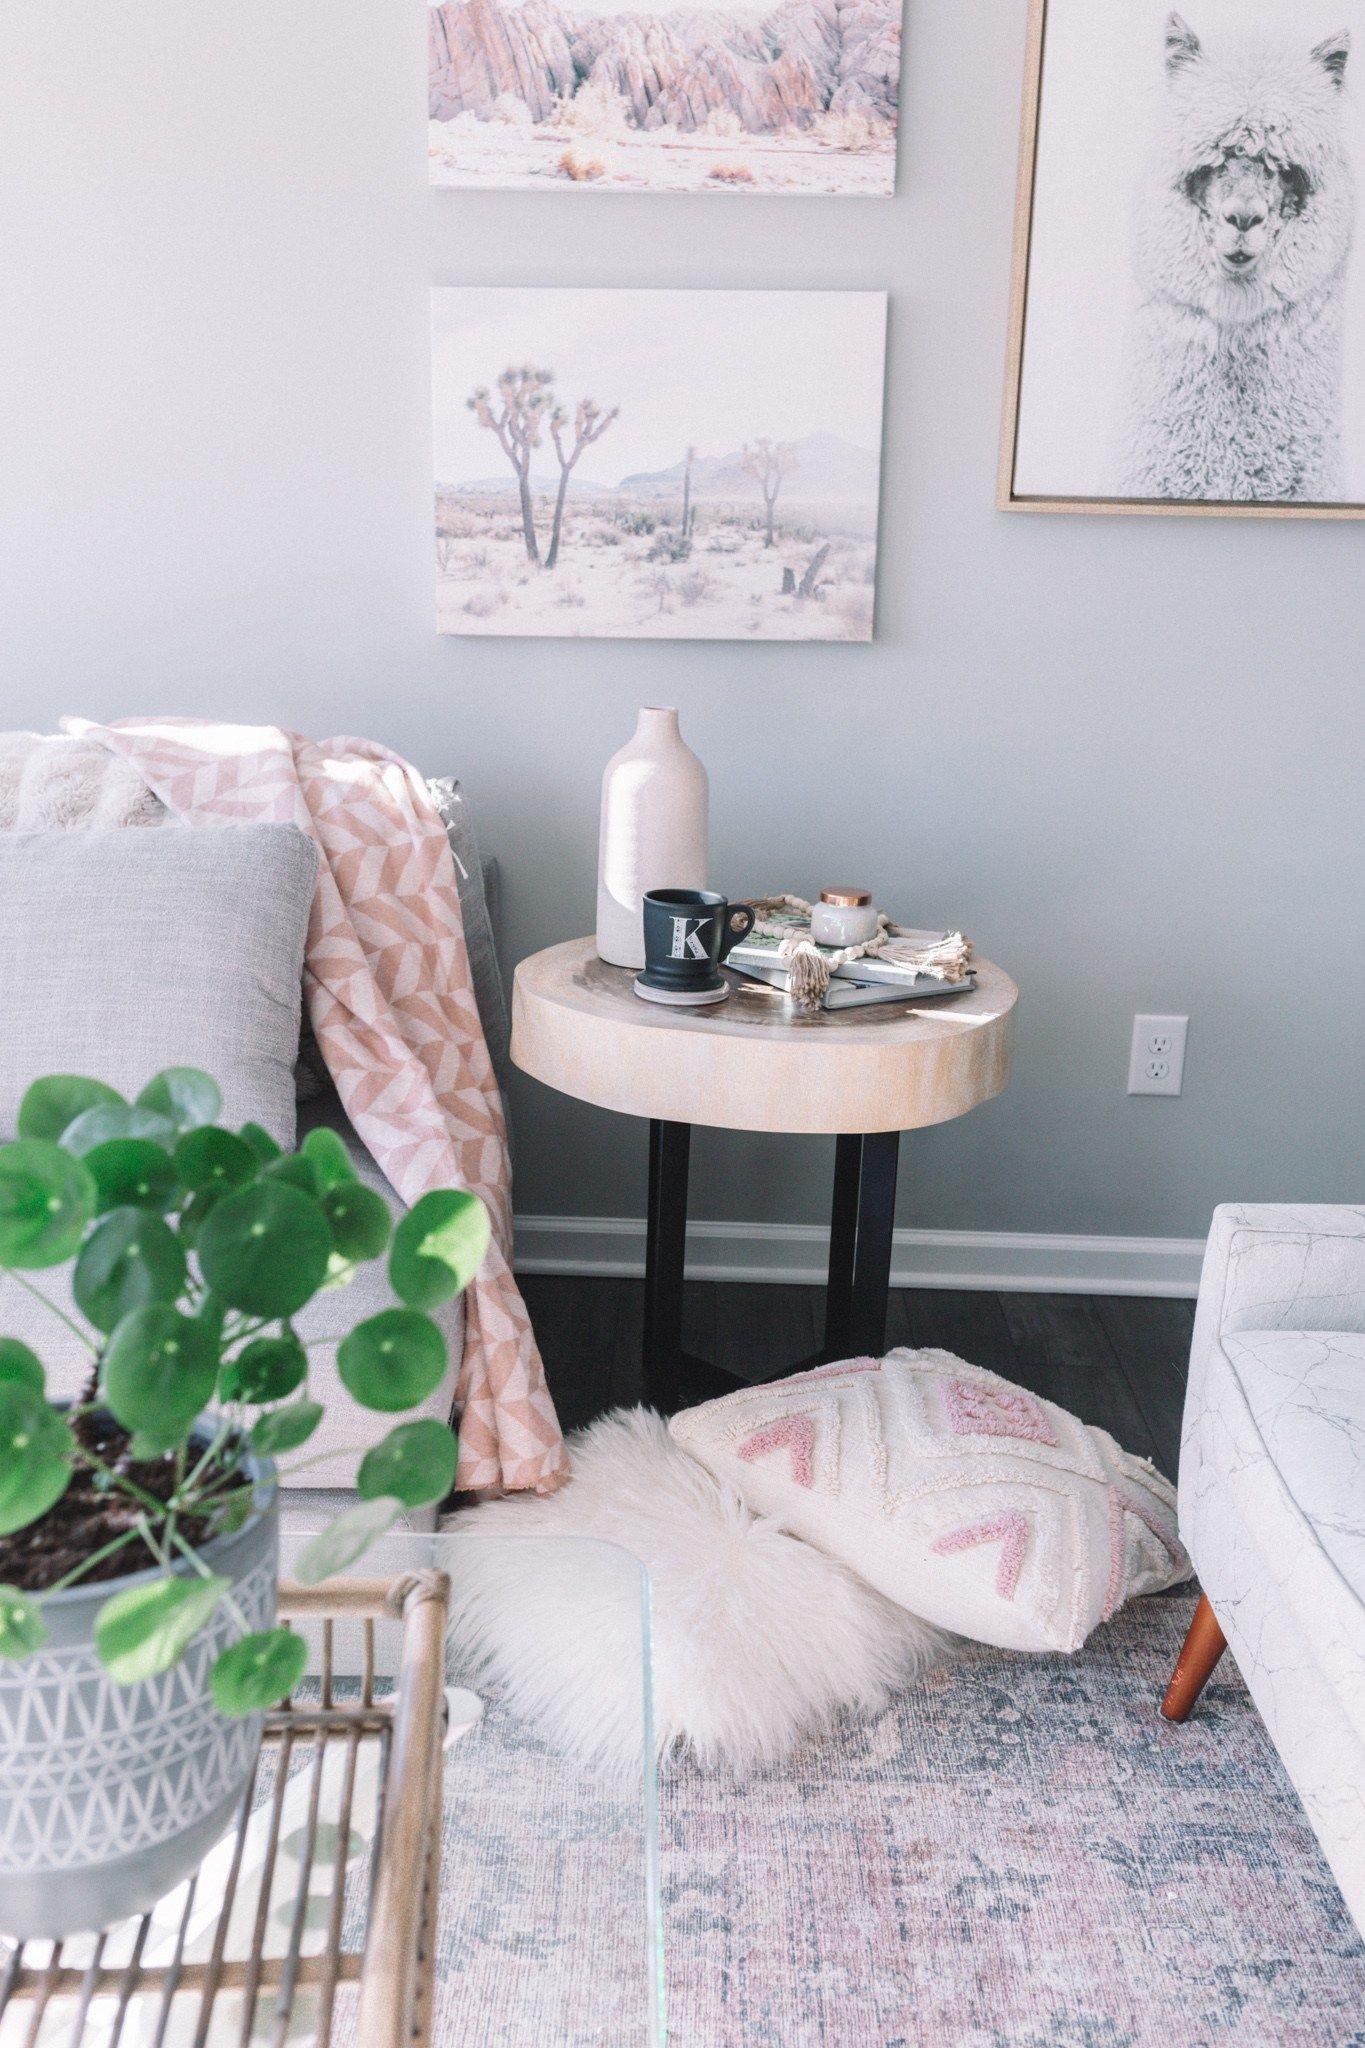 10 Ways to De-stress and Unwind at Home - Simply J & K    #HomeDecor #HomeInspo #HomeInspiration #Decor #ScandinavianDecor #BohoDecor